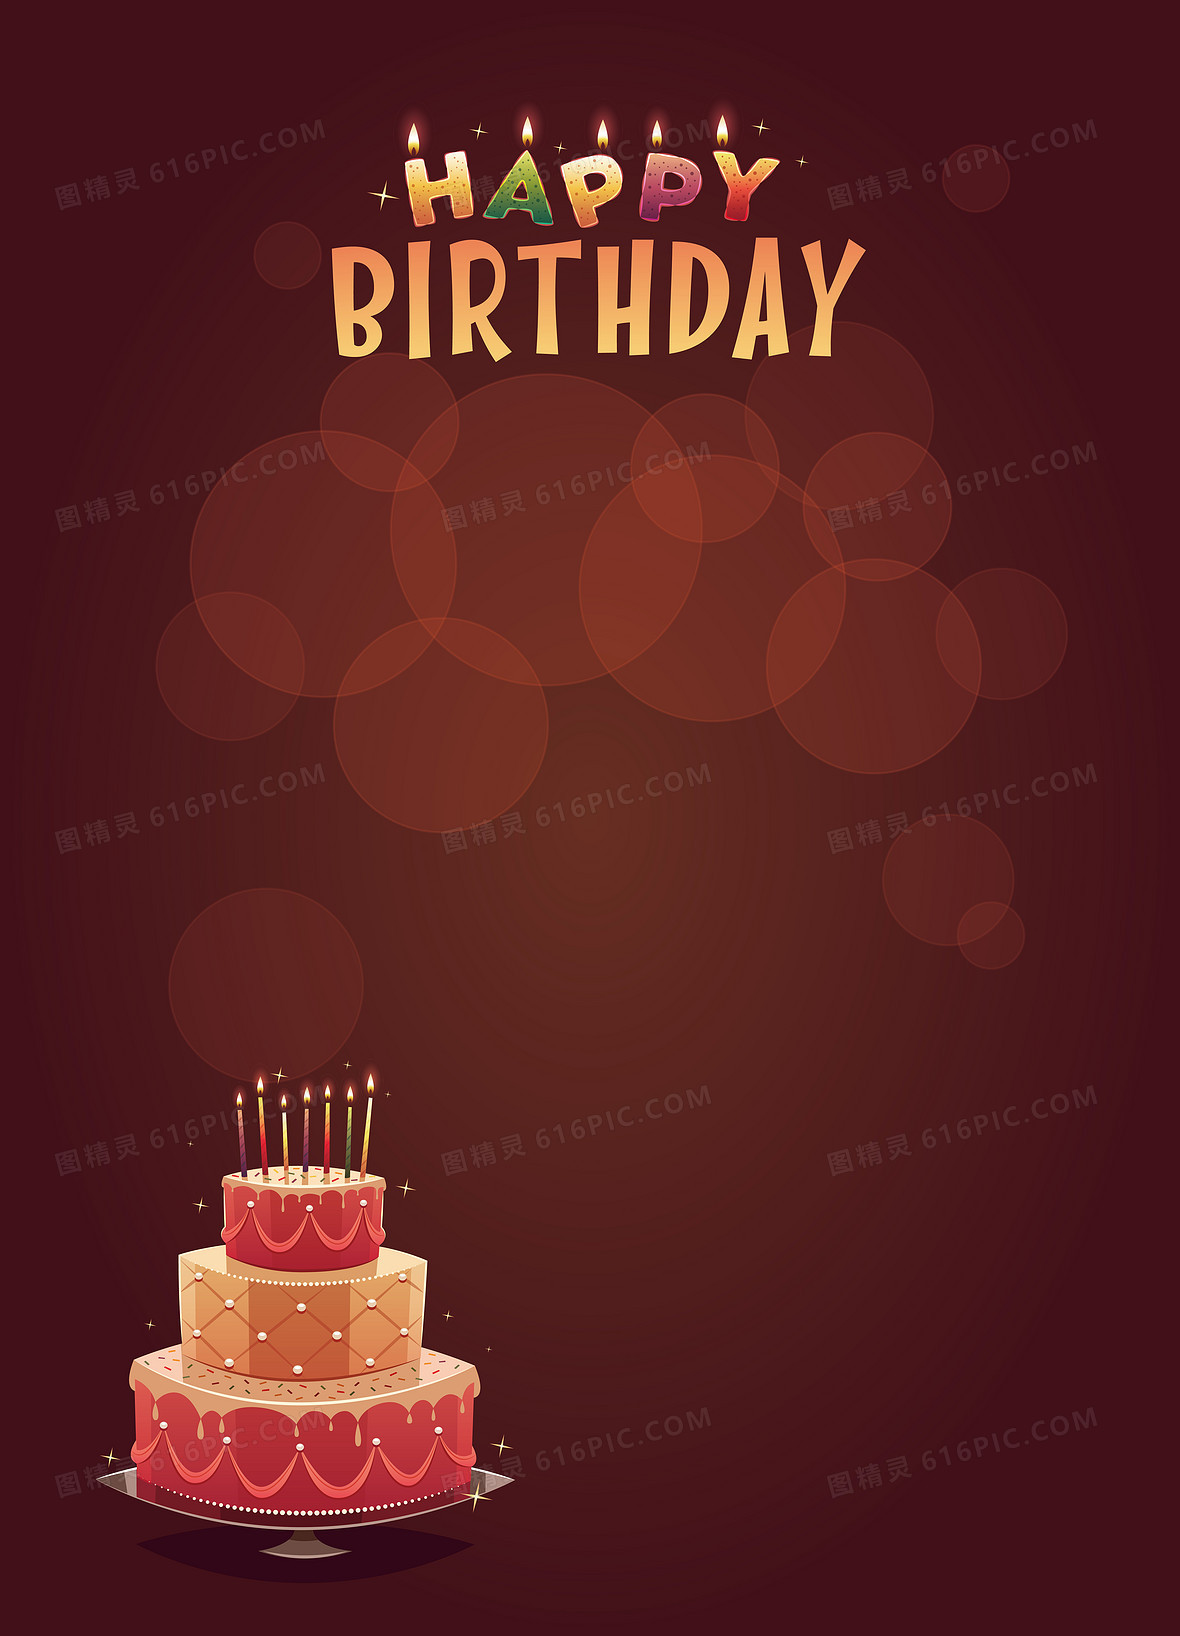 生日快乐卡通蛋糕礼物背景素材